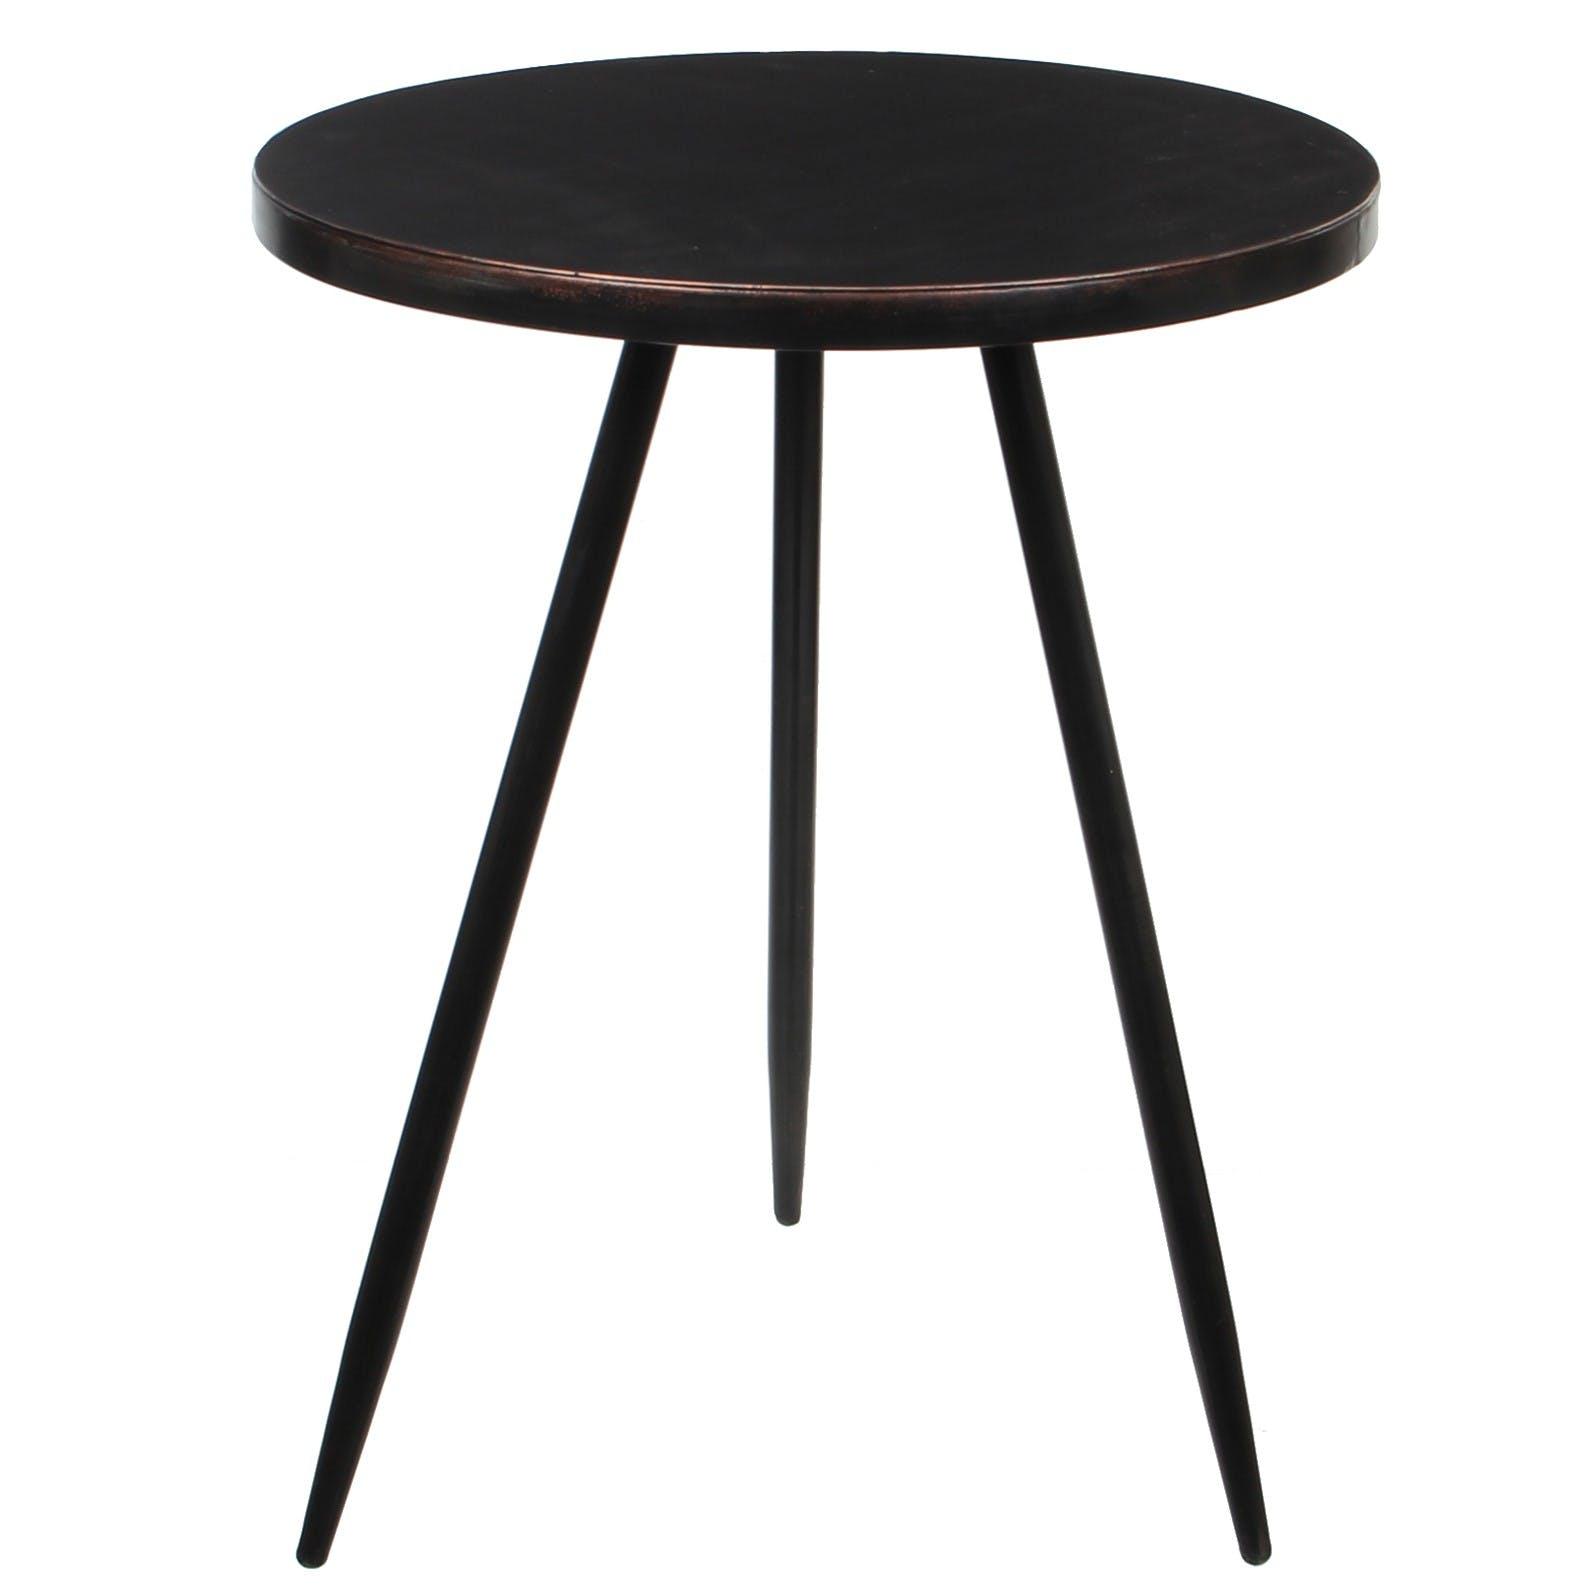 Table d'appoint noire 51,5 cm